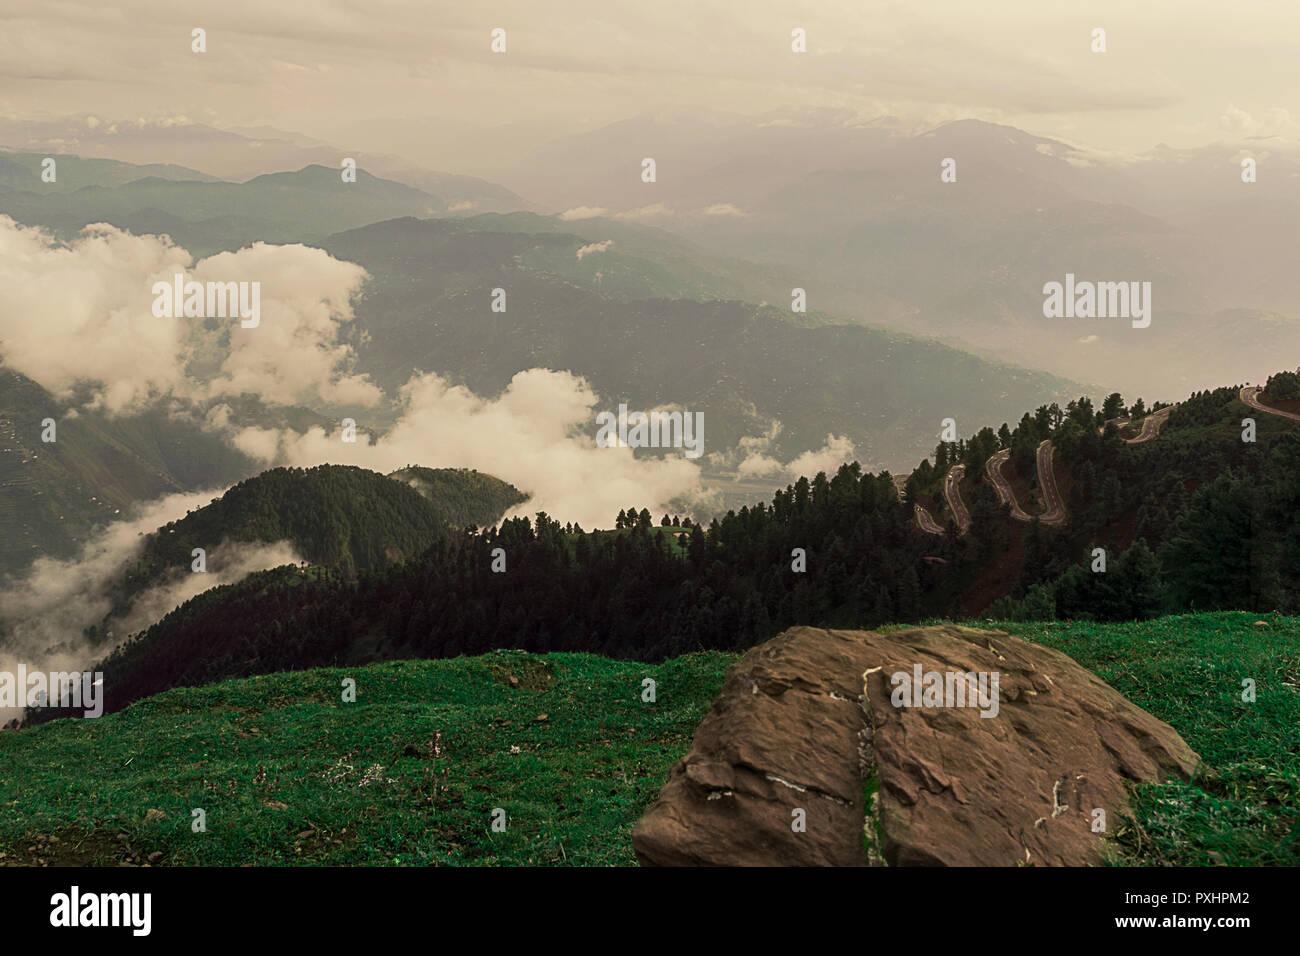 Beautiful peaks of Pir Chinasi, Pakistan. Taken on 15th Sep, 2018 - Stock Image